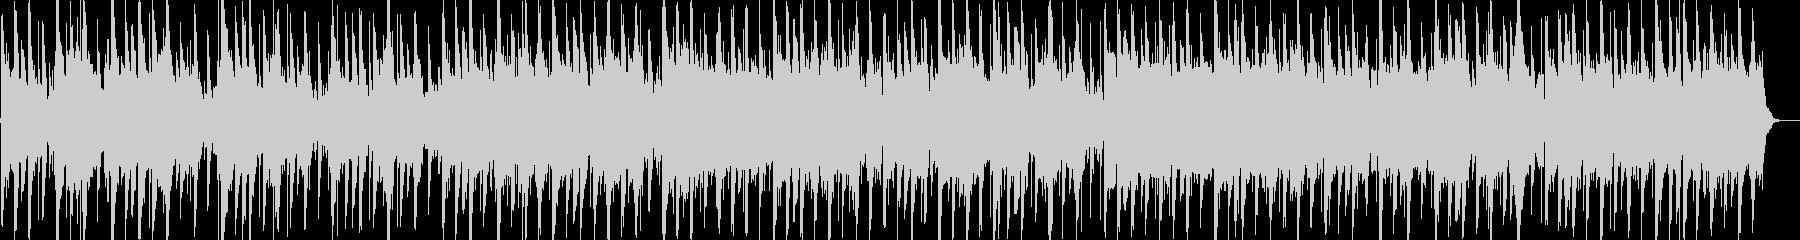 和風 雅な尺八と琴のASIAテイストVOの未再生の波形